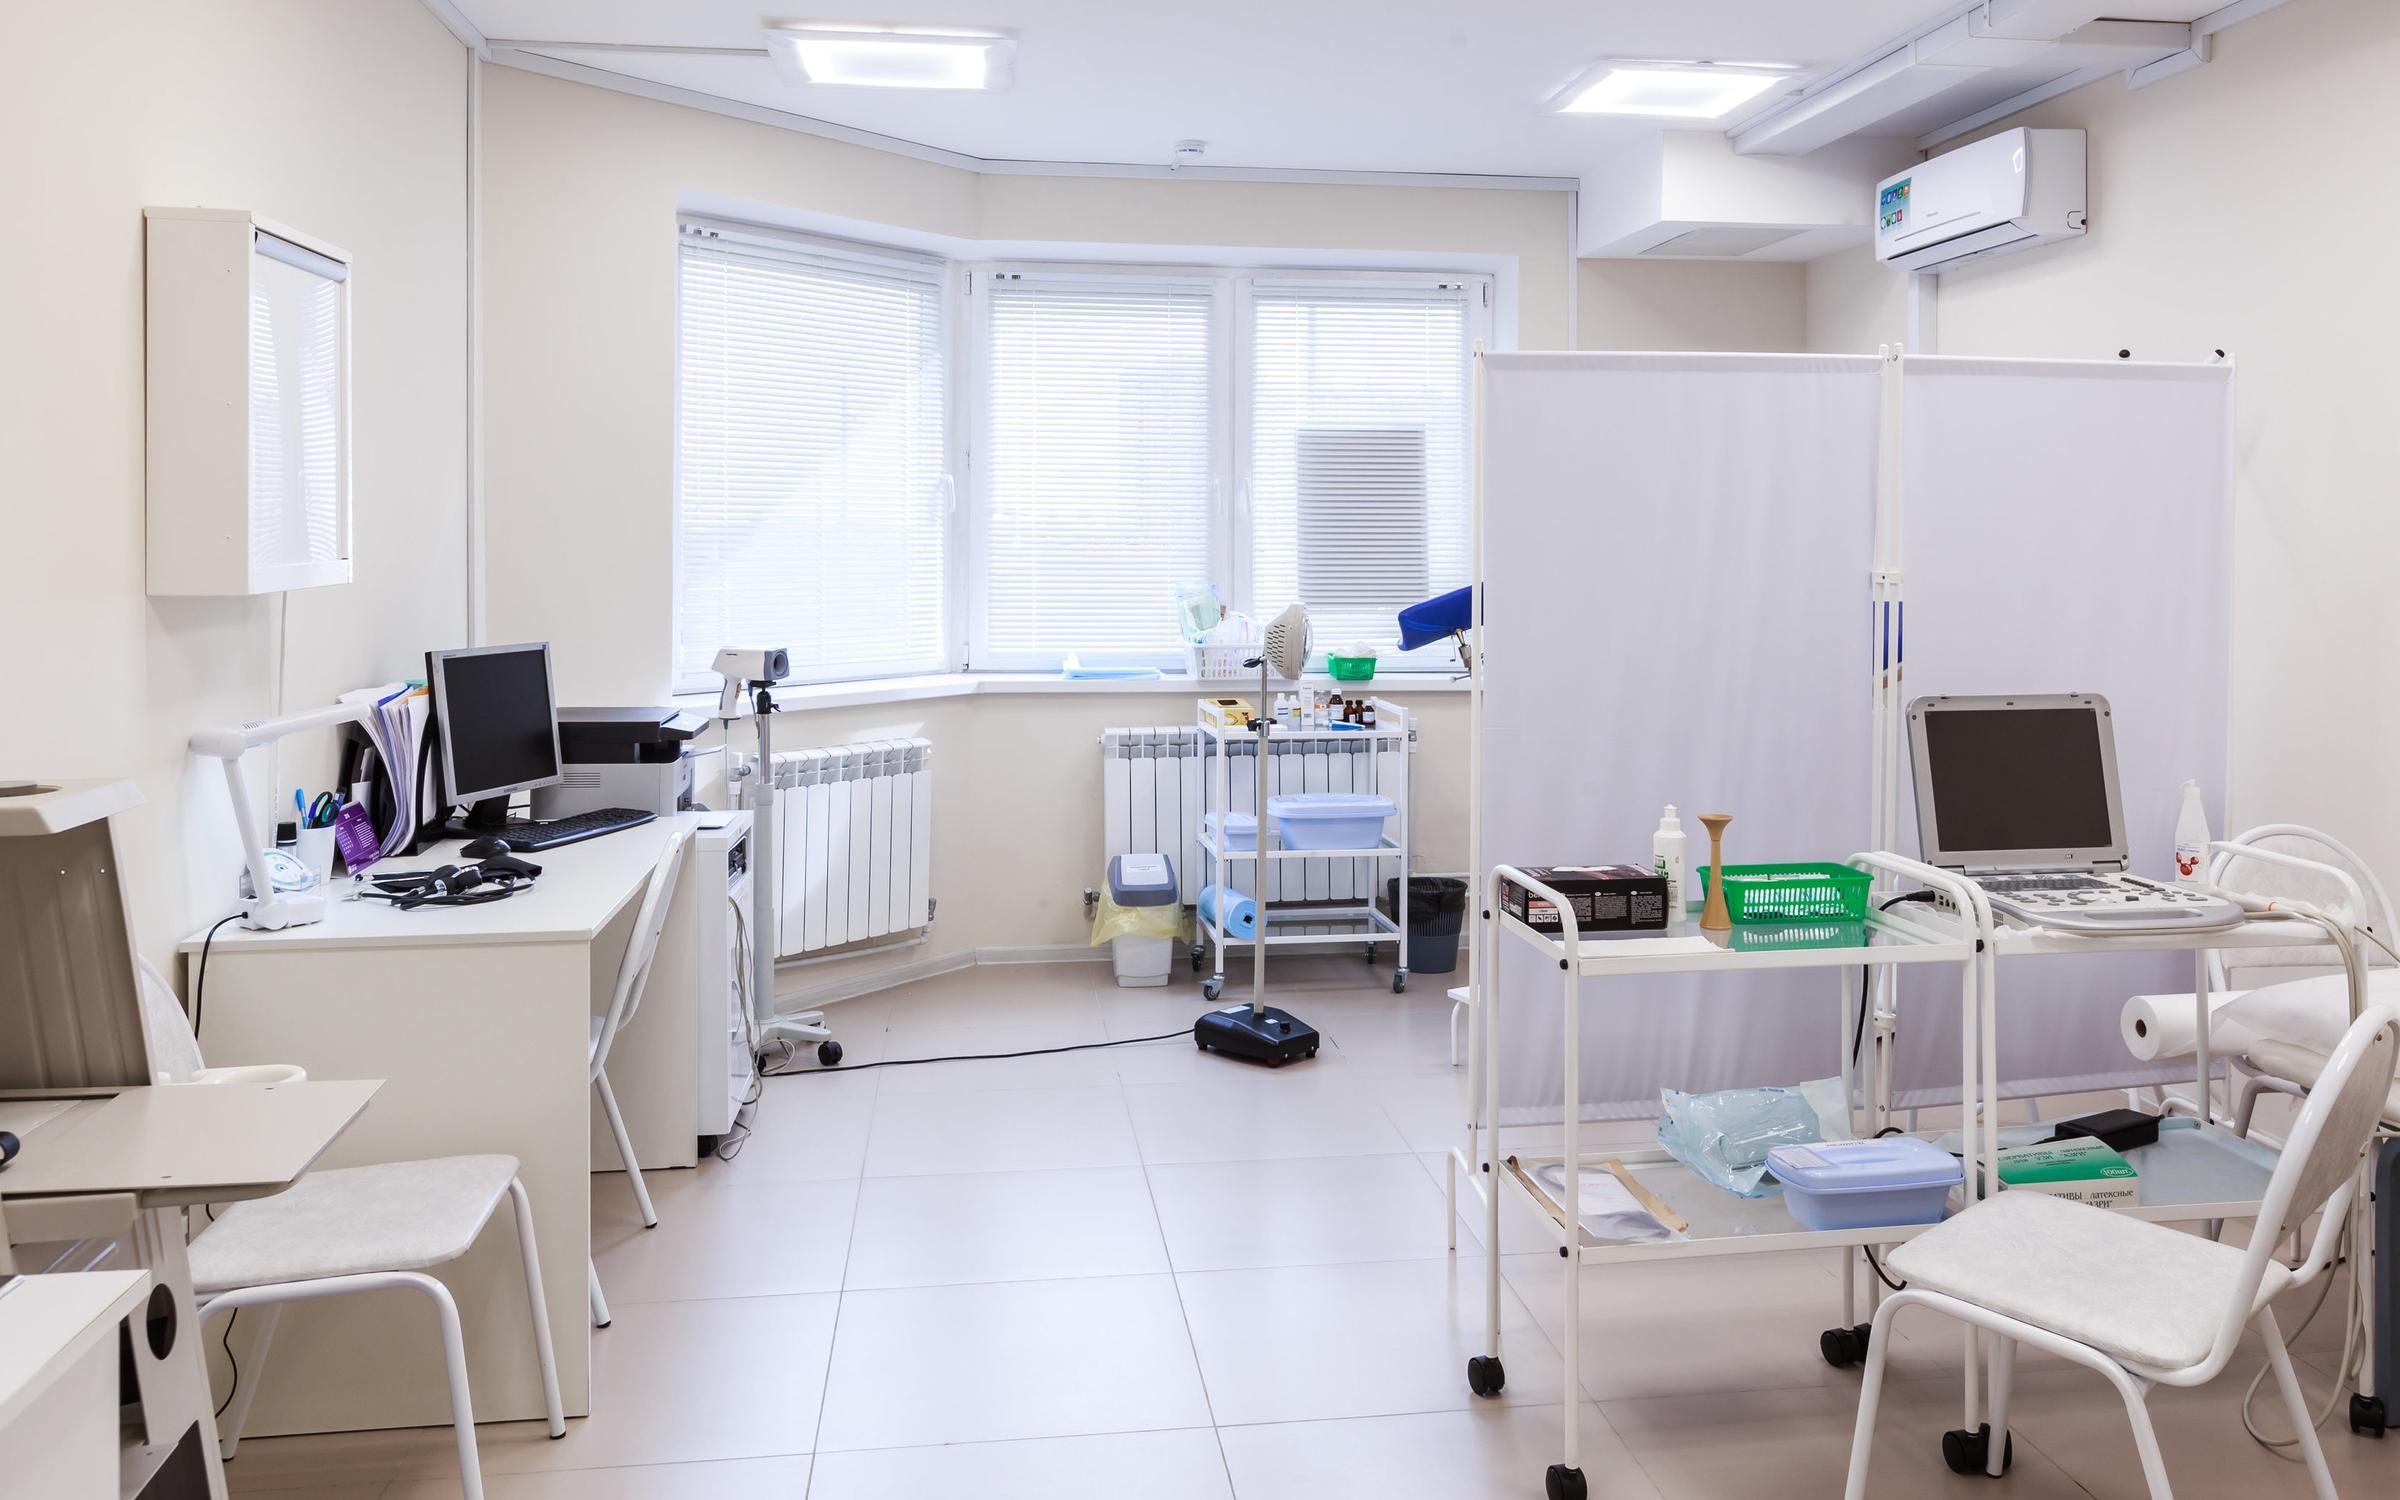 фотография Медицинского центра Инстамед на улице Курыжова в Домодедово